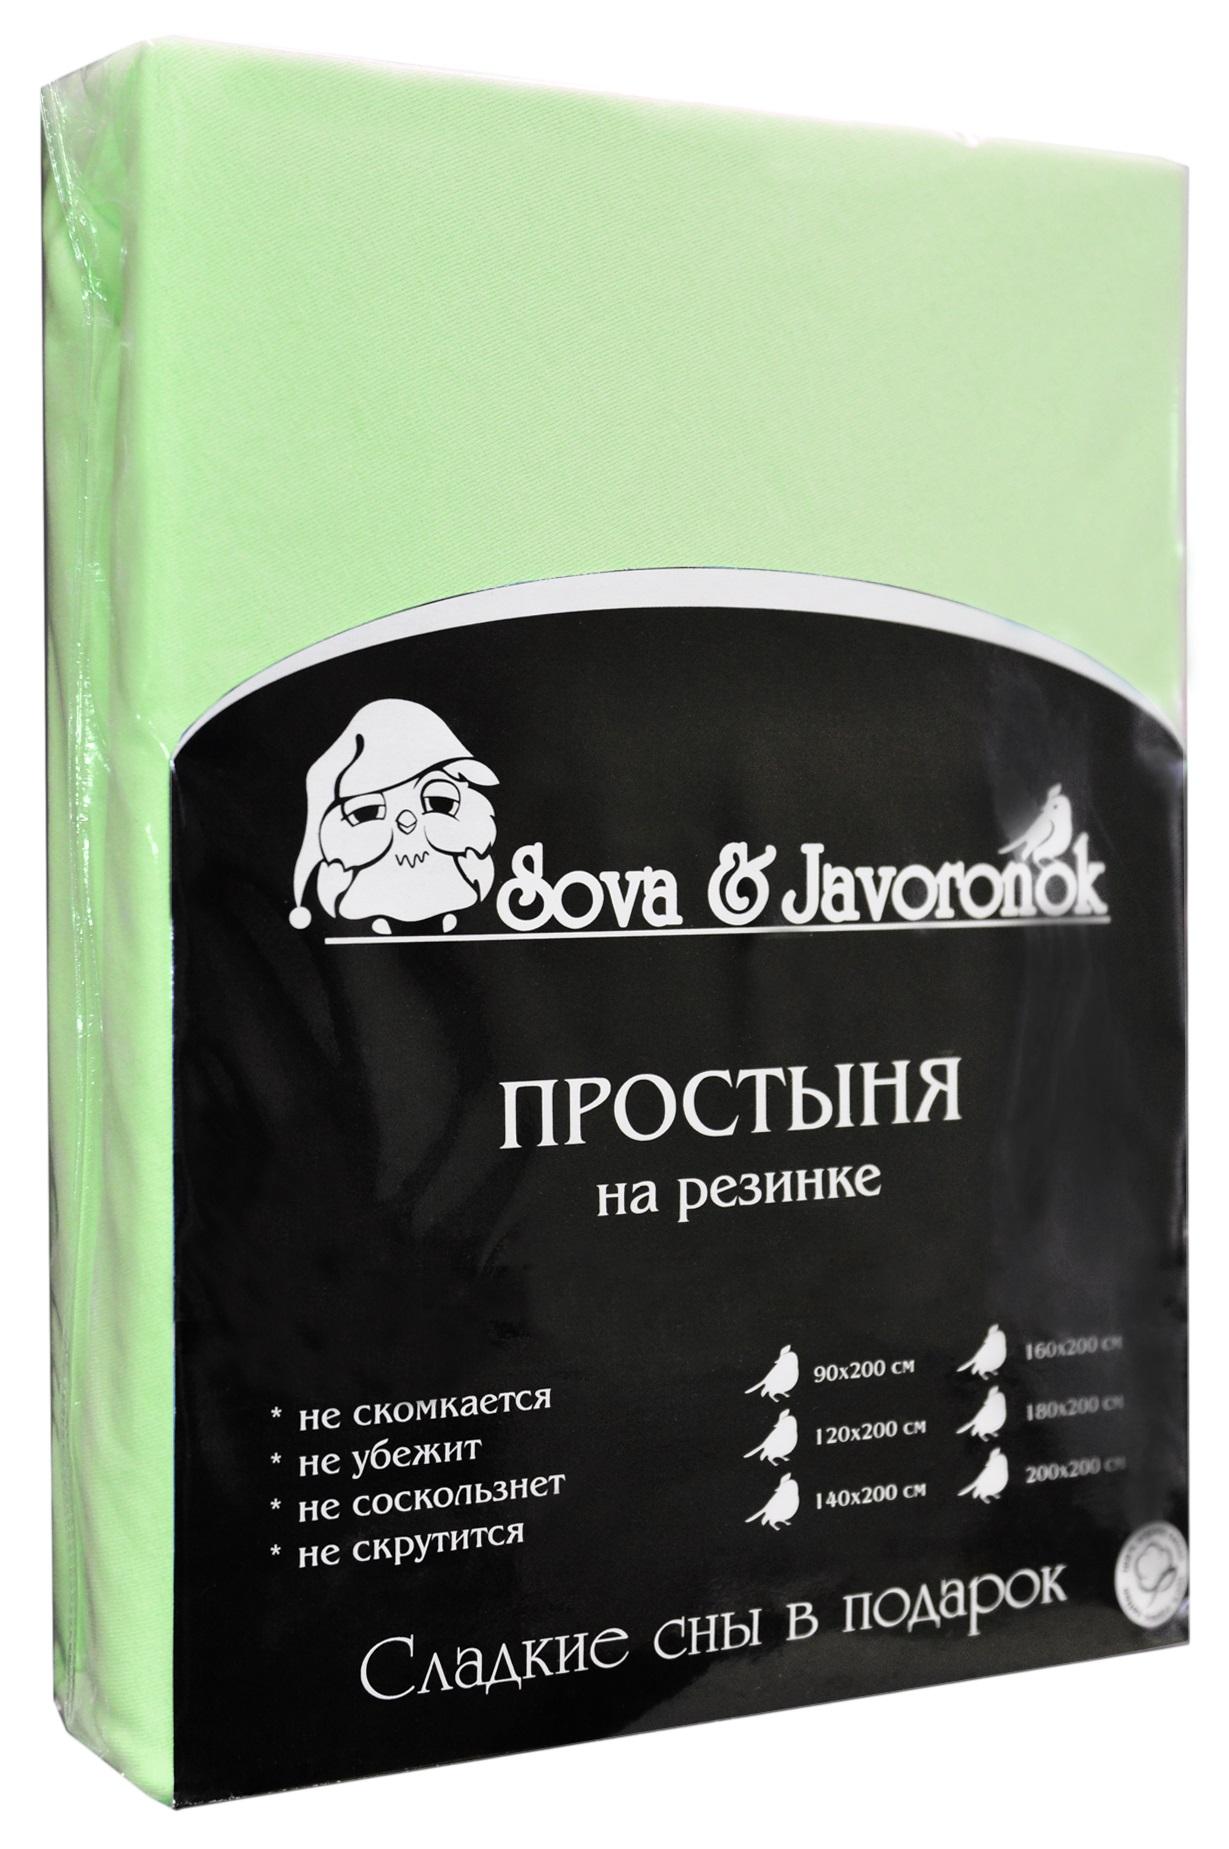 Простыня на резинке Sova & Javoronok, цвет: светло-зеленый, 90 см х 200 см531-105Простыня на резинке Sova & Javoronok, изготовленная из трикотажной ткани (100% хлопок), будет превосходно смотреться с любыми комплектами белья. Хлопчатобумажный трикотаж по праву считается одним из самых качественных, прочных и при этом приятных на ощупь. Его гигиеничность позволяет использовать простыню и в детских комнатах, к тому же 100%-ый хлопок в составе ткани не вызовет аллергии. У трикотажного полотна очень интересная структура, немного рыхлая за счет отсутствия плотного переплетения нитей и наличия особых петель, благодаря этому простыня Сова и Жаворонок отлично пропускает воздух и способствует его постоянной циркуляции. Поэтому ваша постель будет всегда оставаться свежей. Но главное и, пожалуй, самое известное свойство трикотажа - это его великолепная растяжимость, поэтому эта ткань и была выбрана для натяжной простыни на резинке.Простыня прошита резинкой по всему периметру, что обеспечивает более комфортный отдых, так как она прочно удерживается на матрасе и избавляет от необходимости часто поправлять простыню.